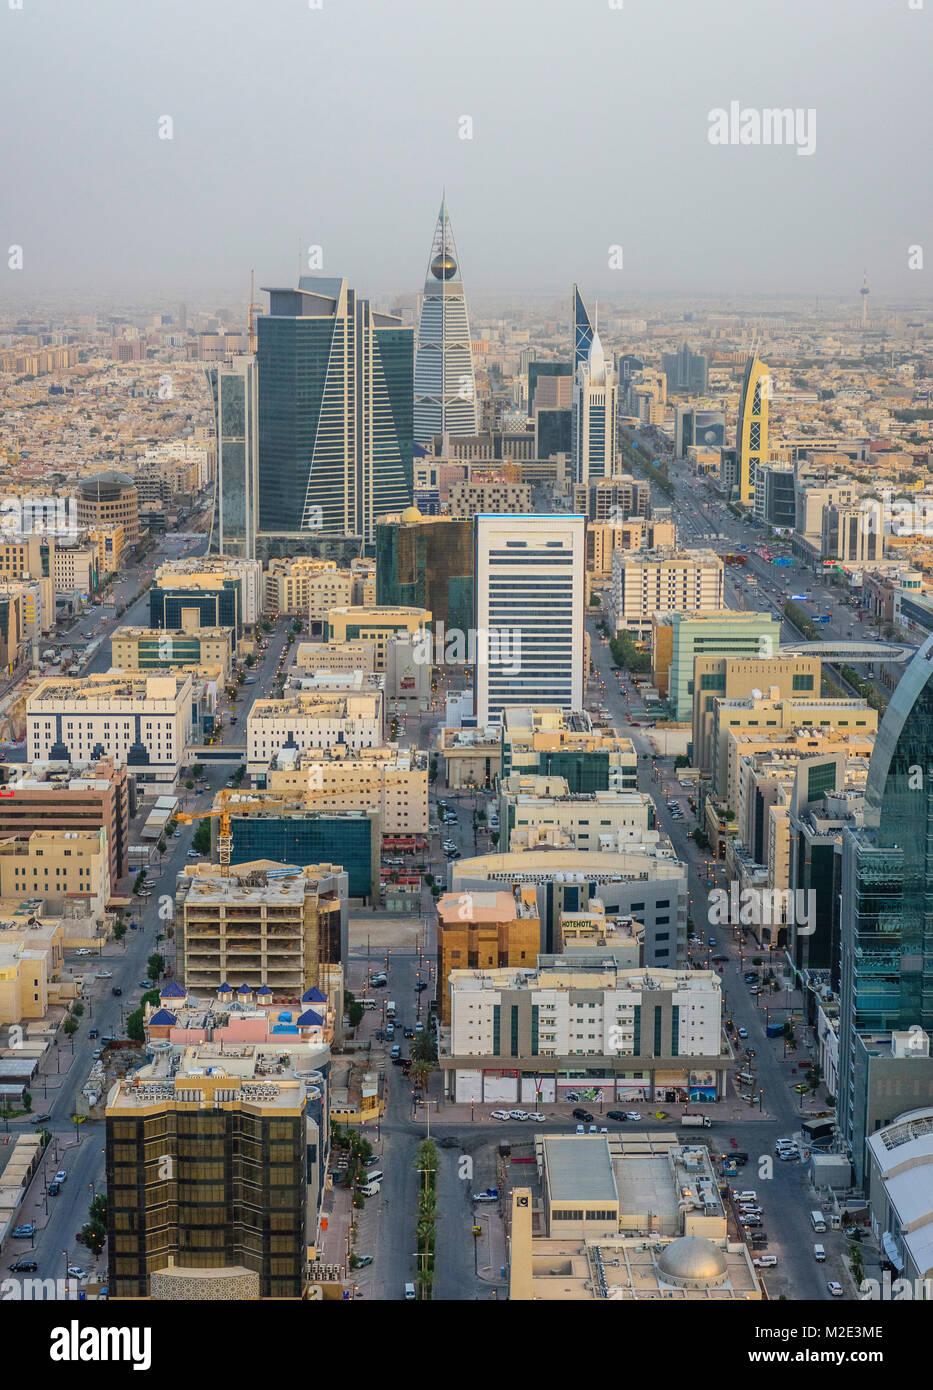 """""""Vista aérea de la ciudad, en Riad, Arabia Saudita' Imagen De Stock"""